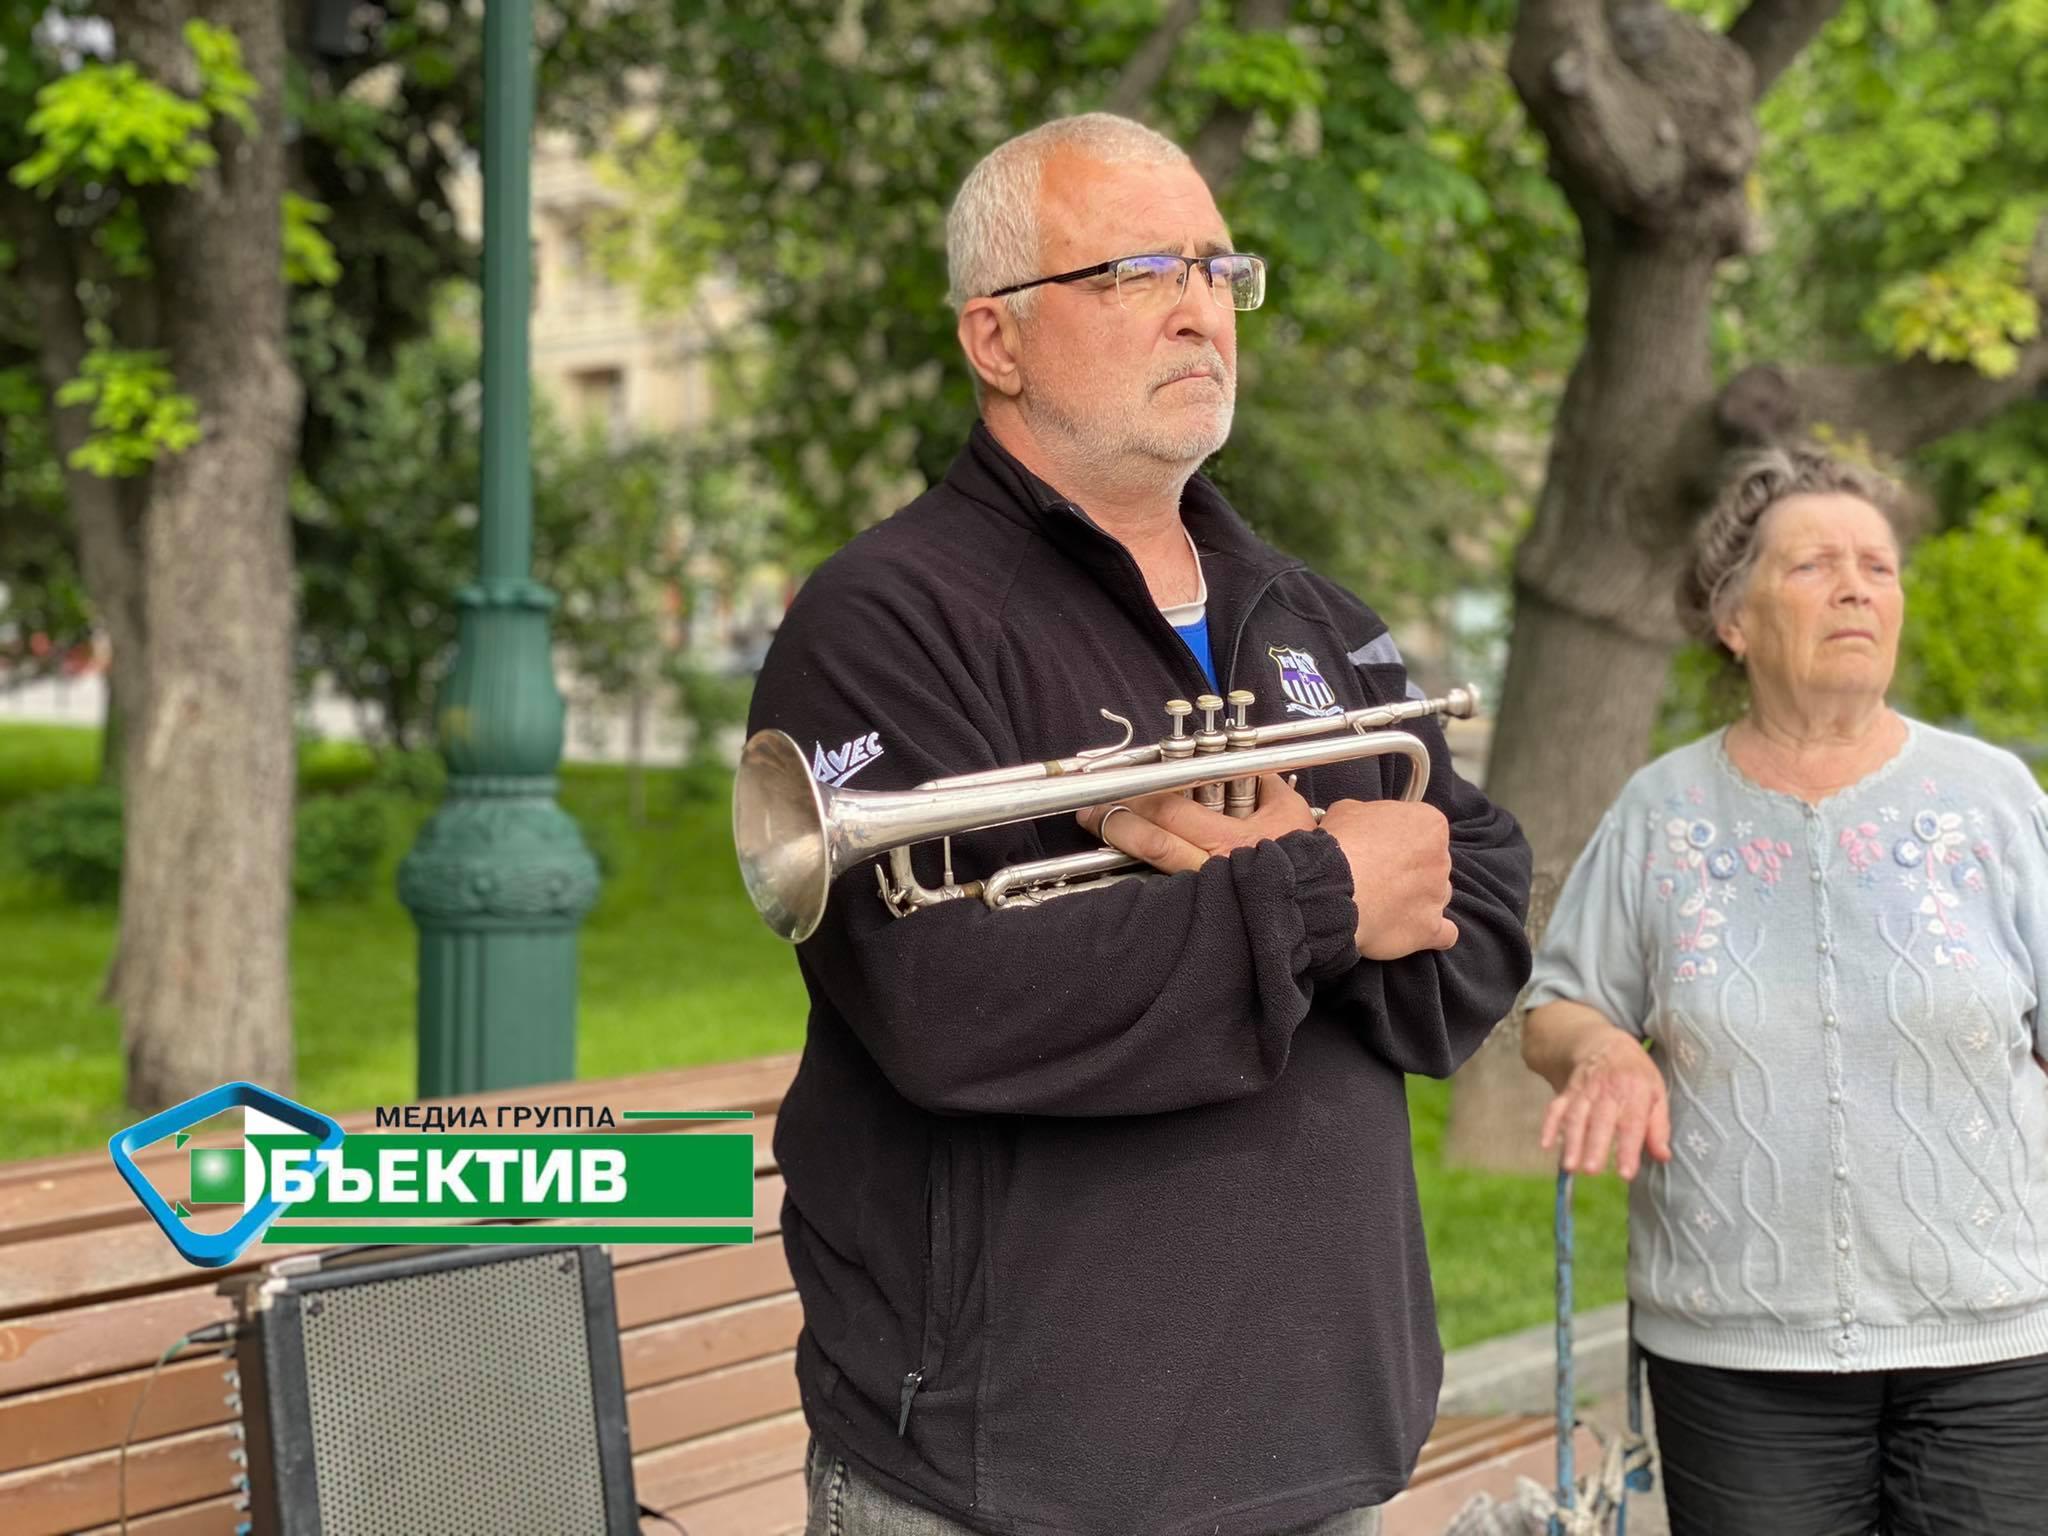 Харьковские музыканты протестуют против запрета играть в саду Шевченко (фото, видео)